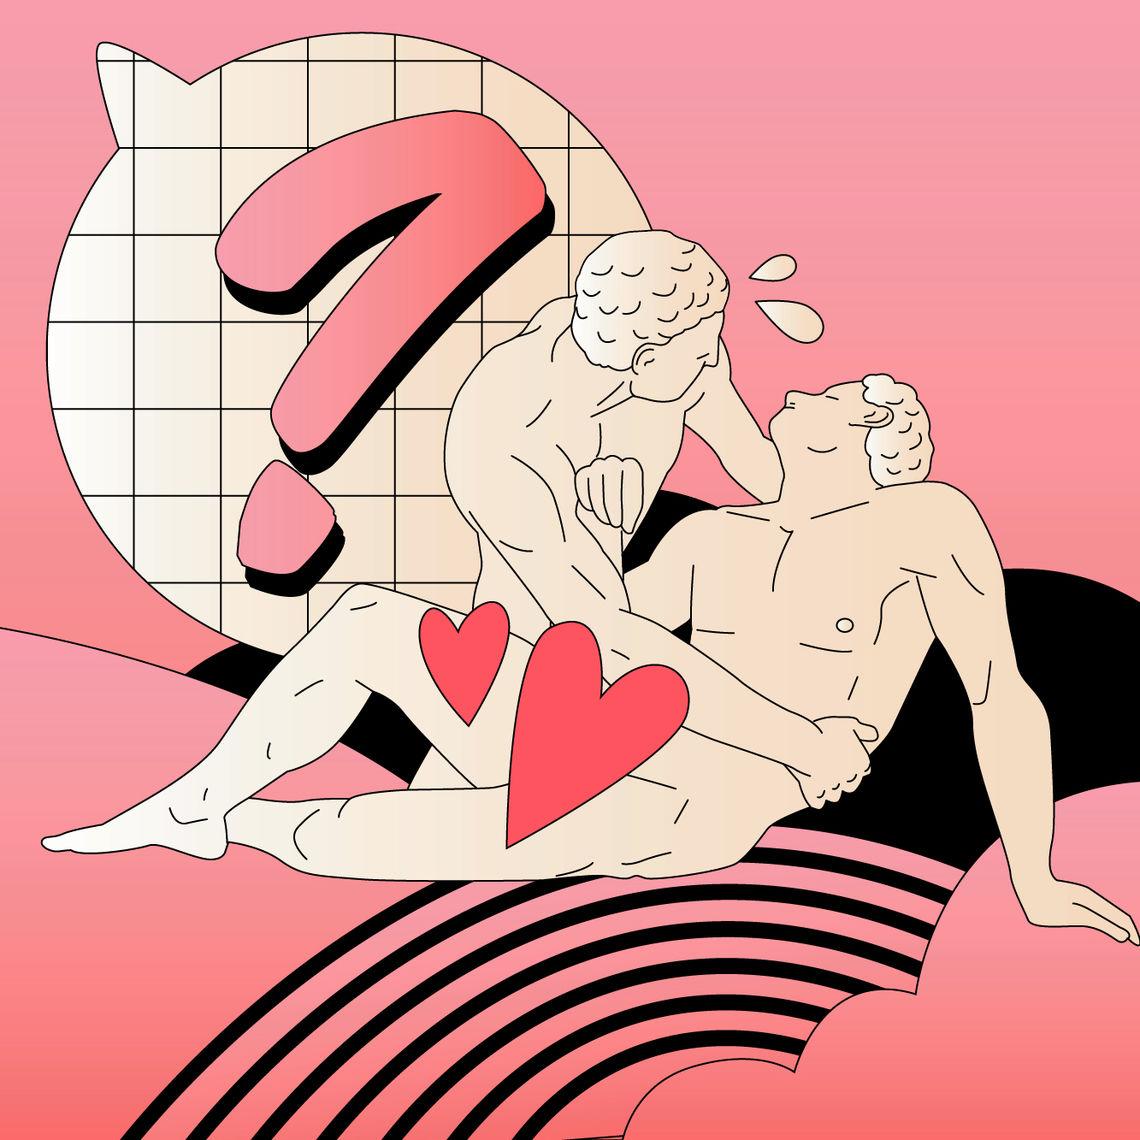 querfragen unverbindlichen sex